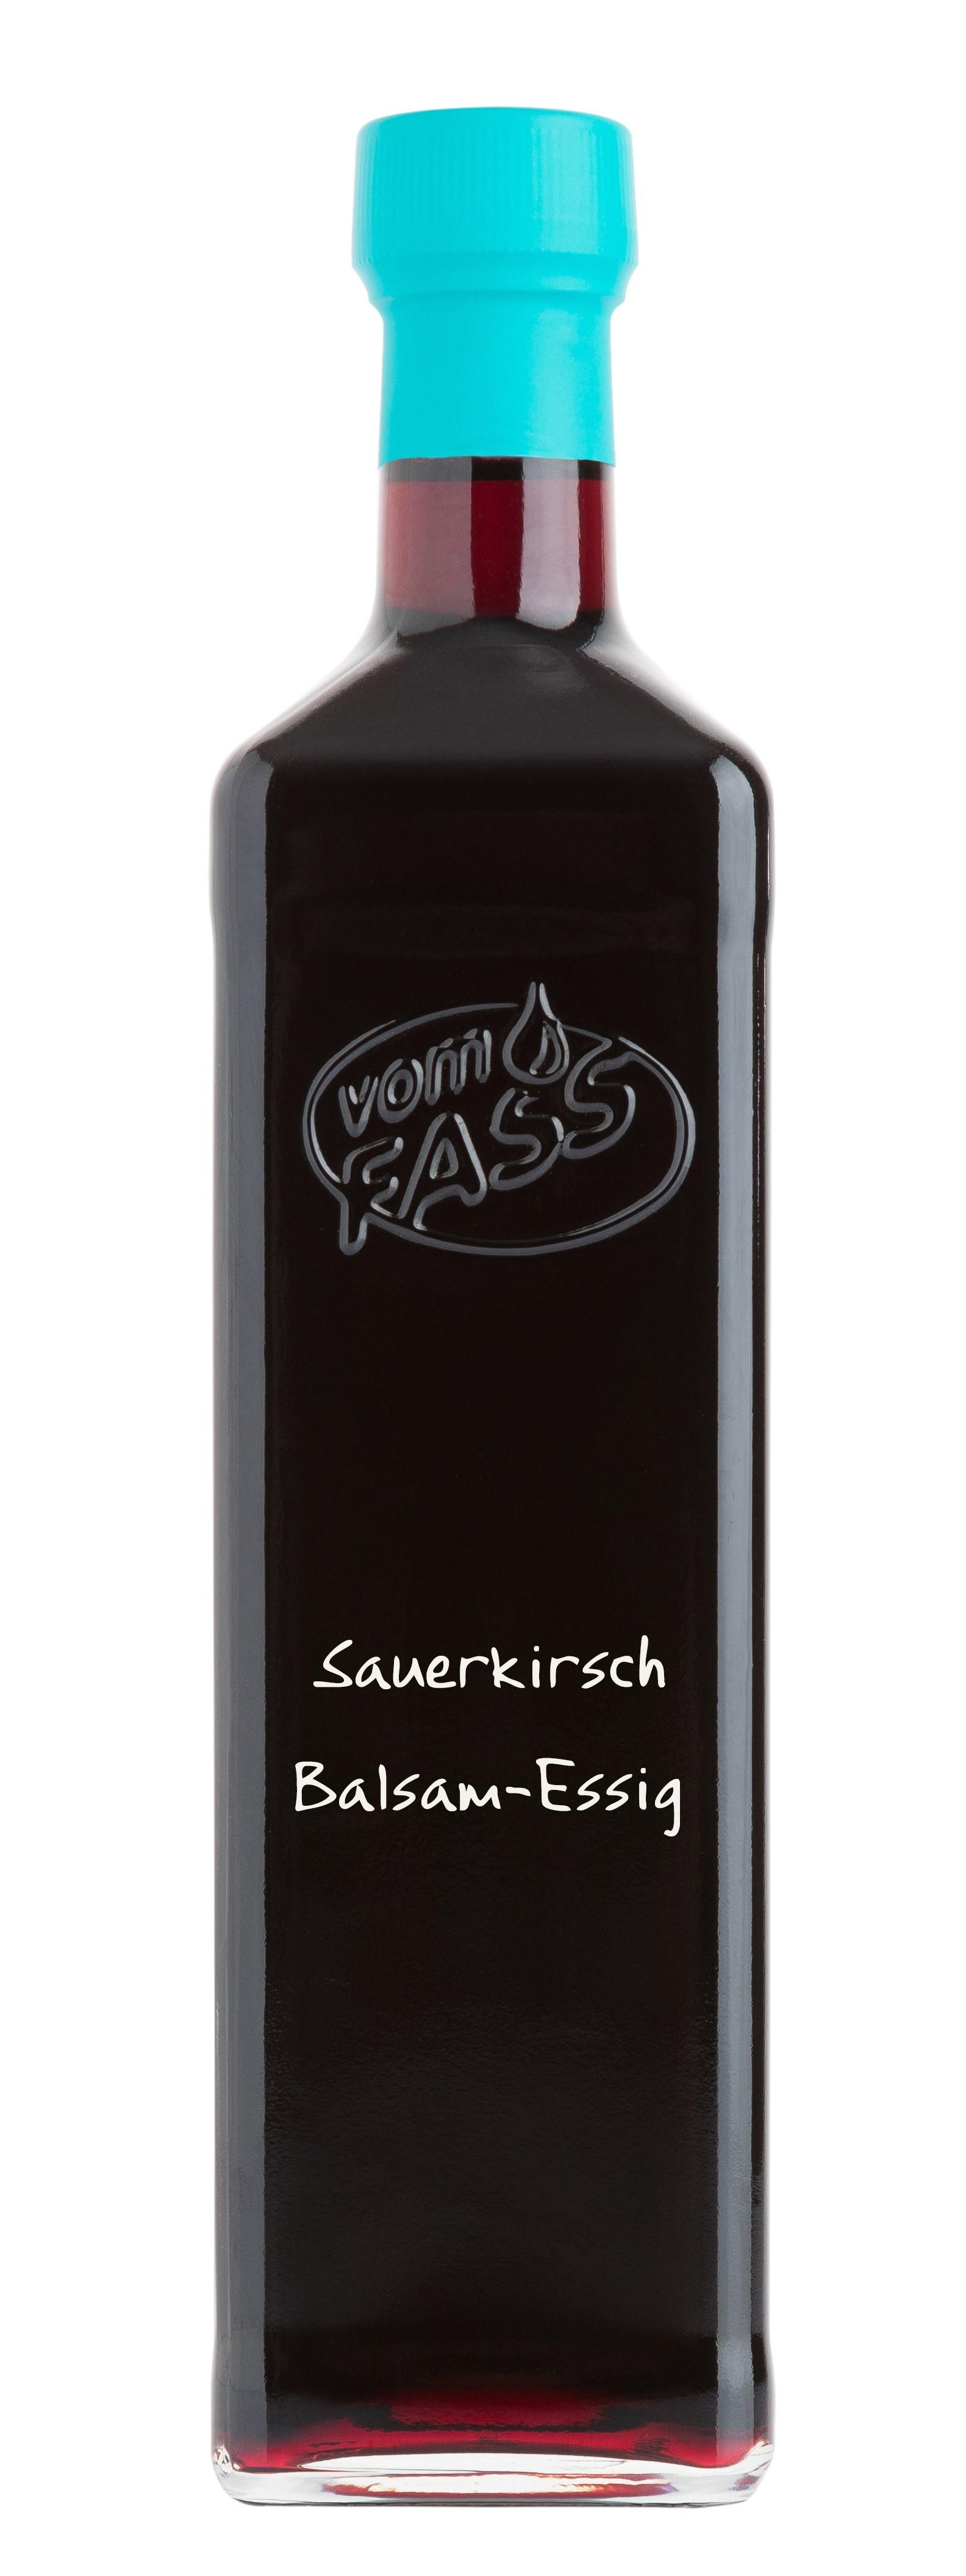 Sauerkirsch Balsam-Essig